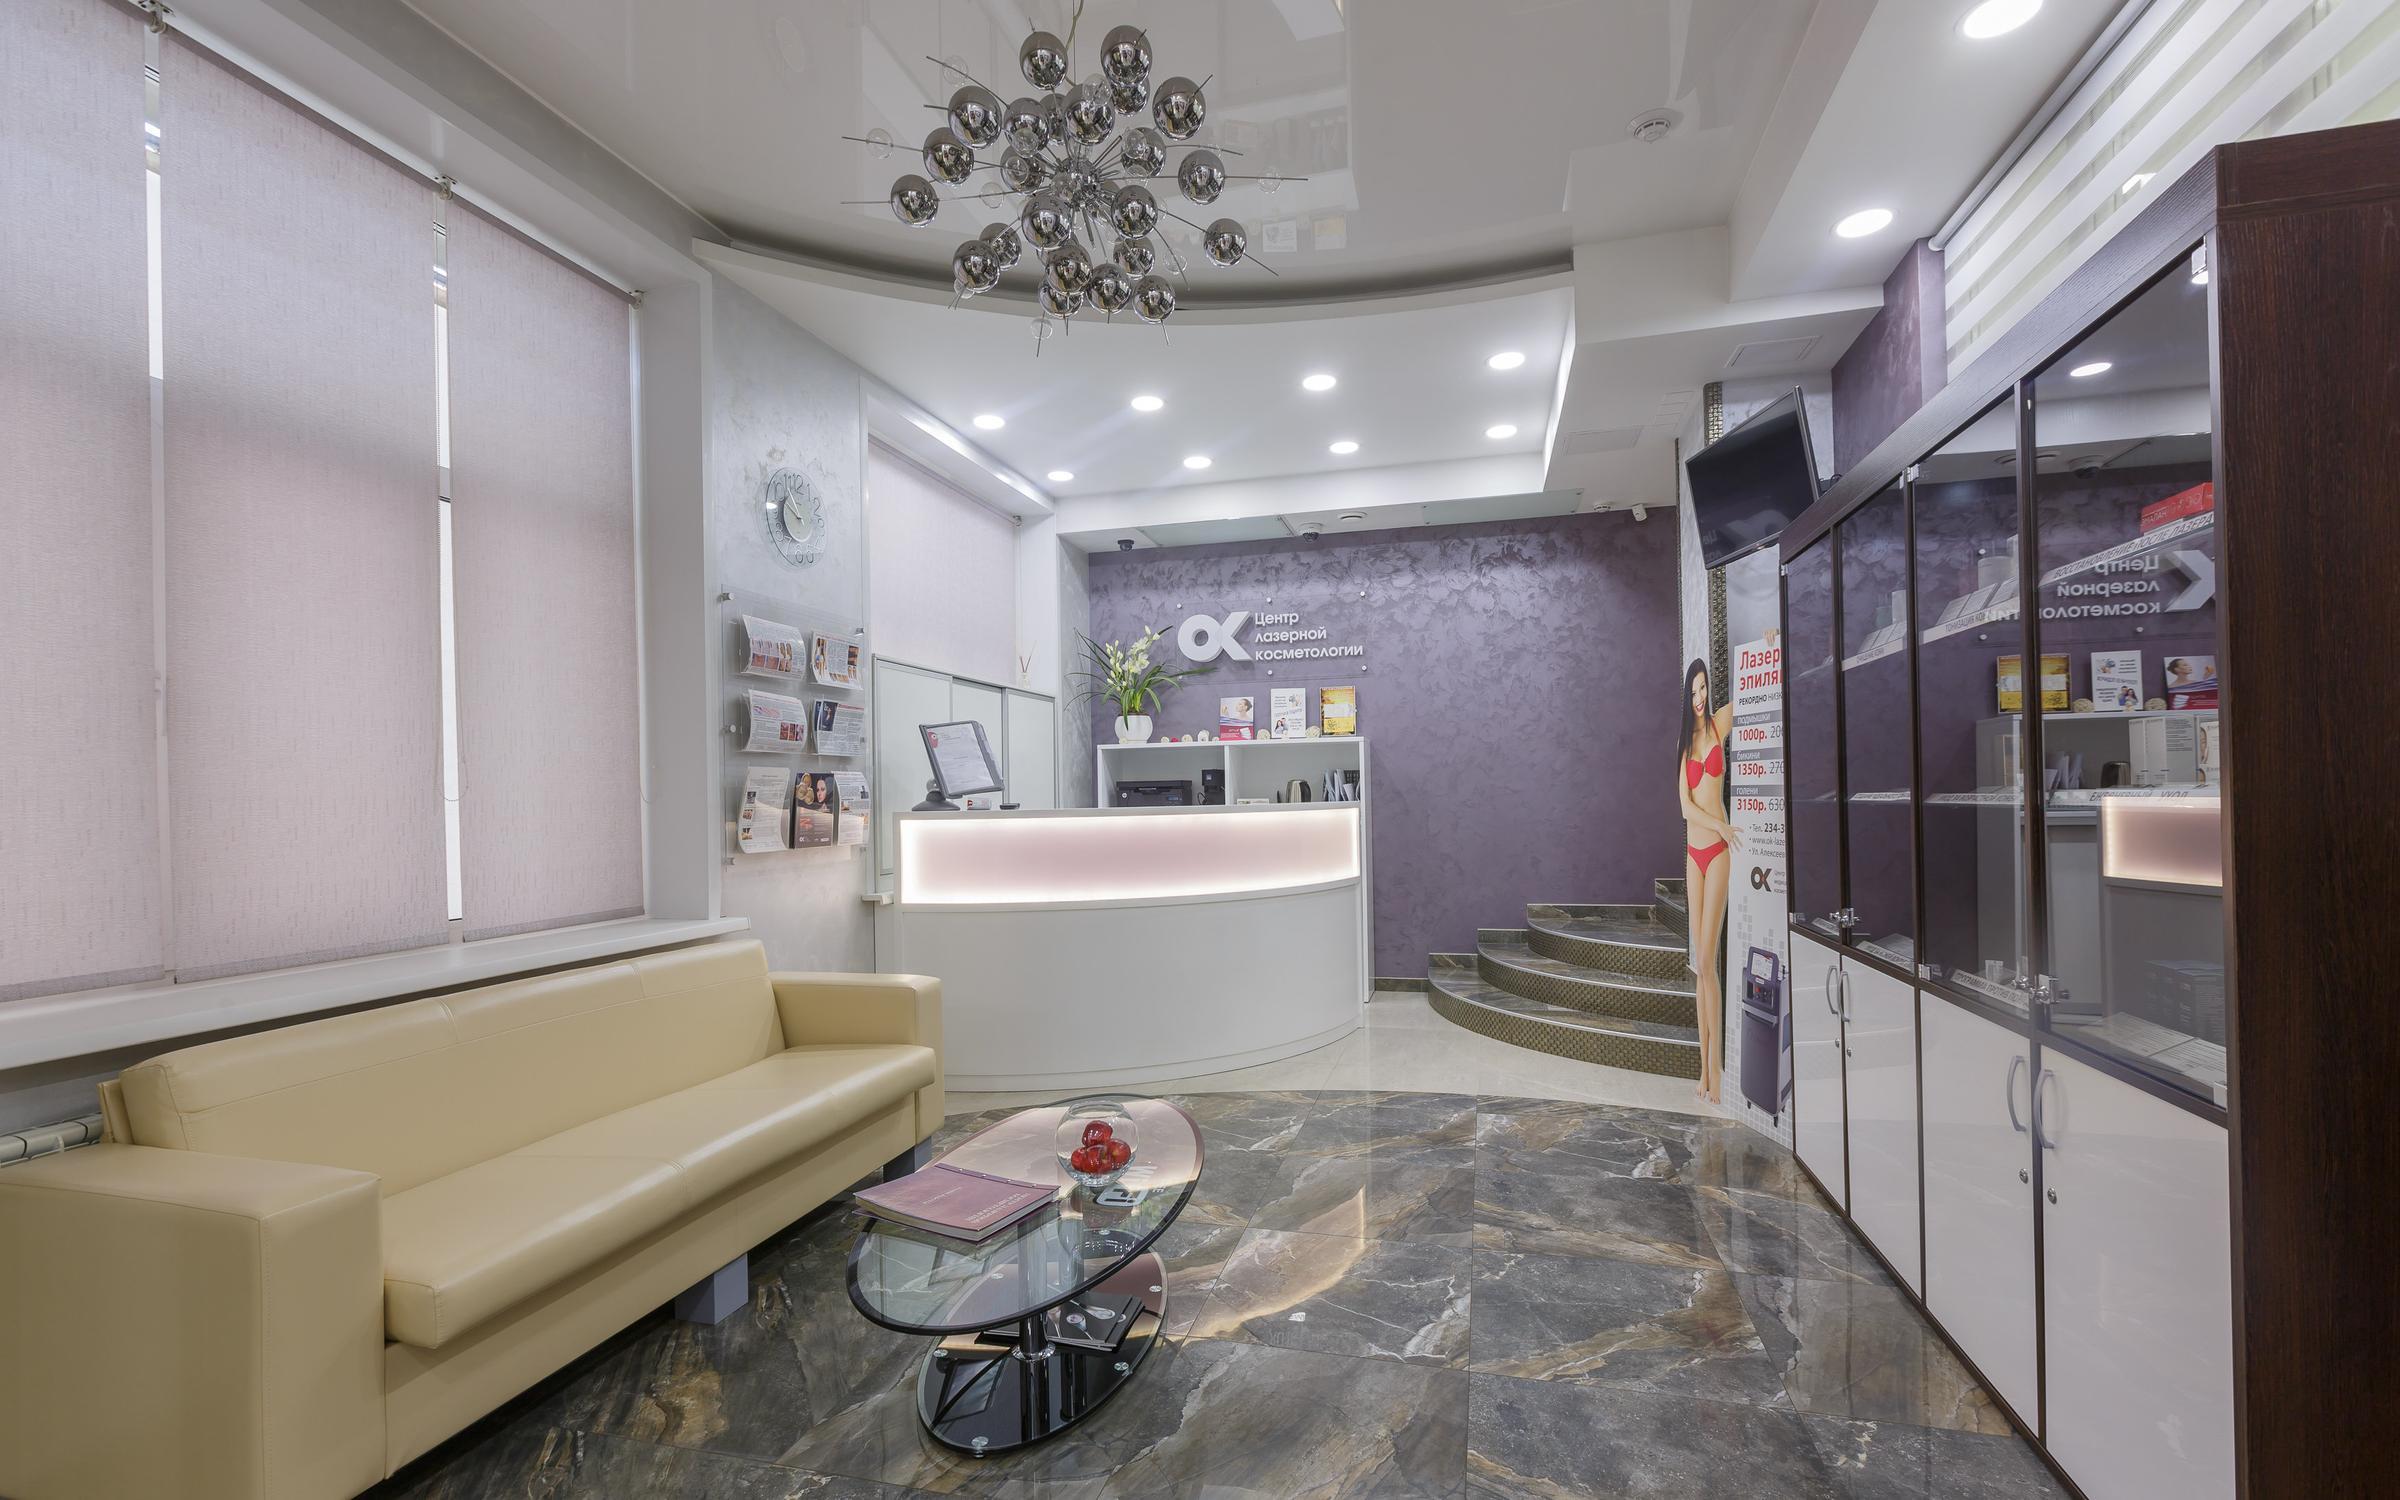 фотография Центра лазерной косметологии ОК на улице Алексеева